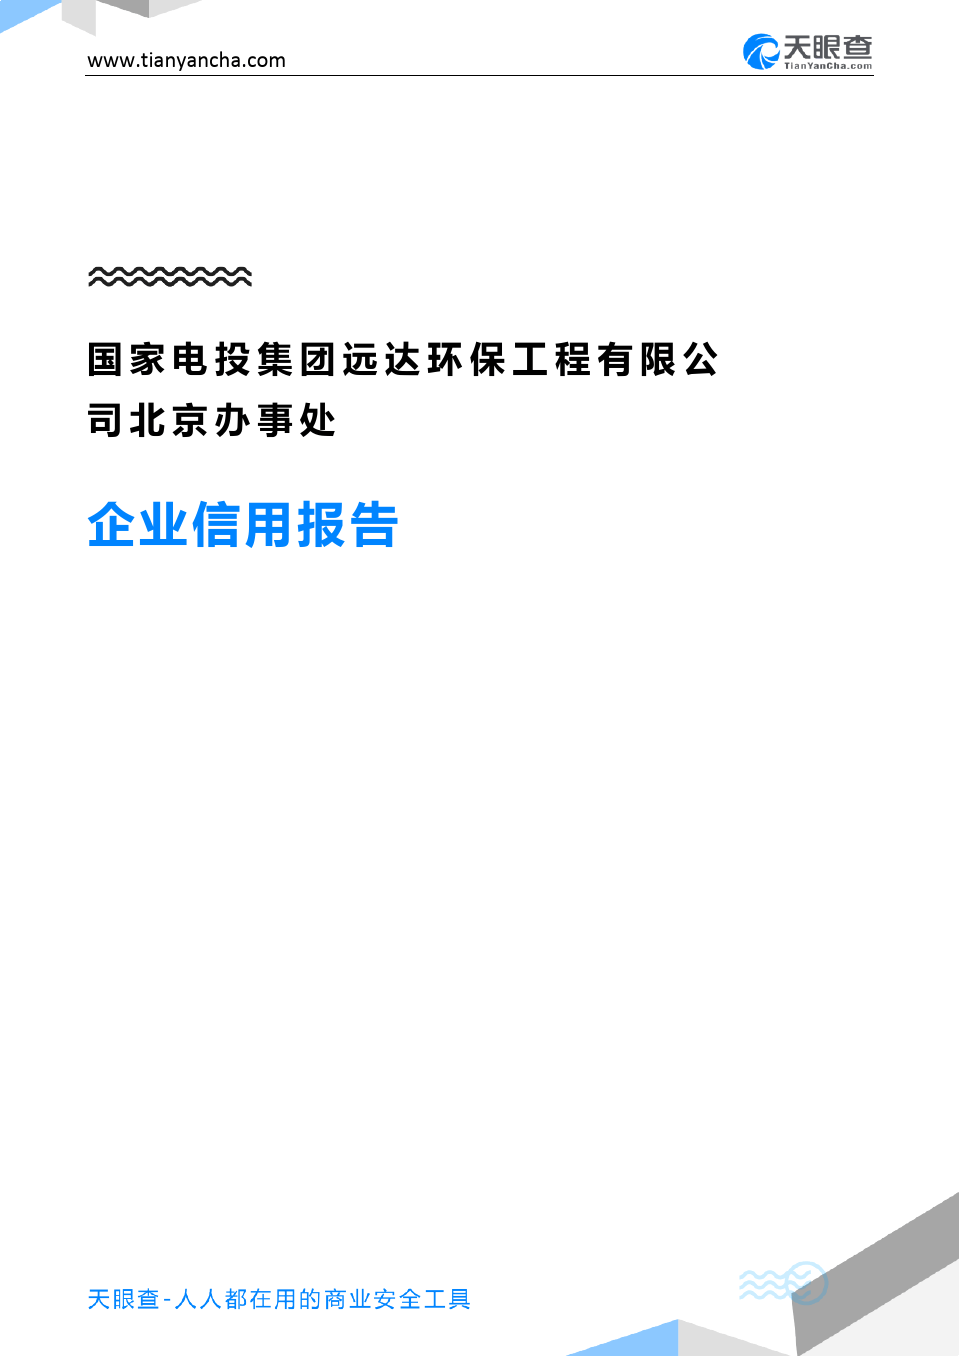 国家电投集团远达环保工程有限公司北京办事处企业信用报告-天眼查